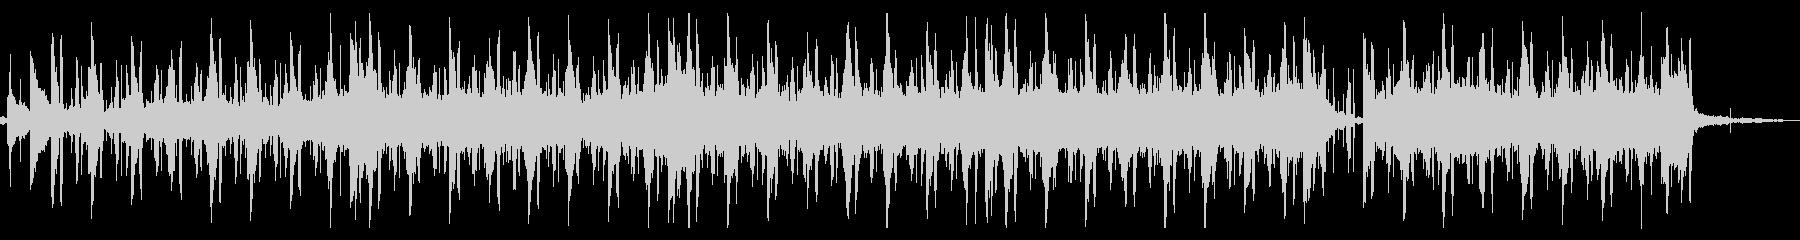 ジャズ風なLo-Fi Beatsの未再生の波形